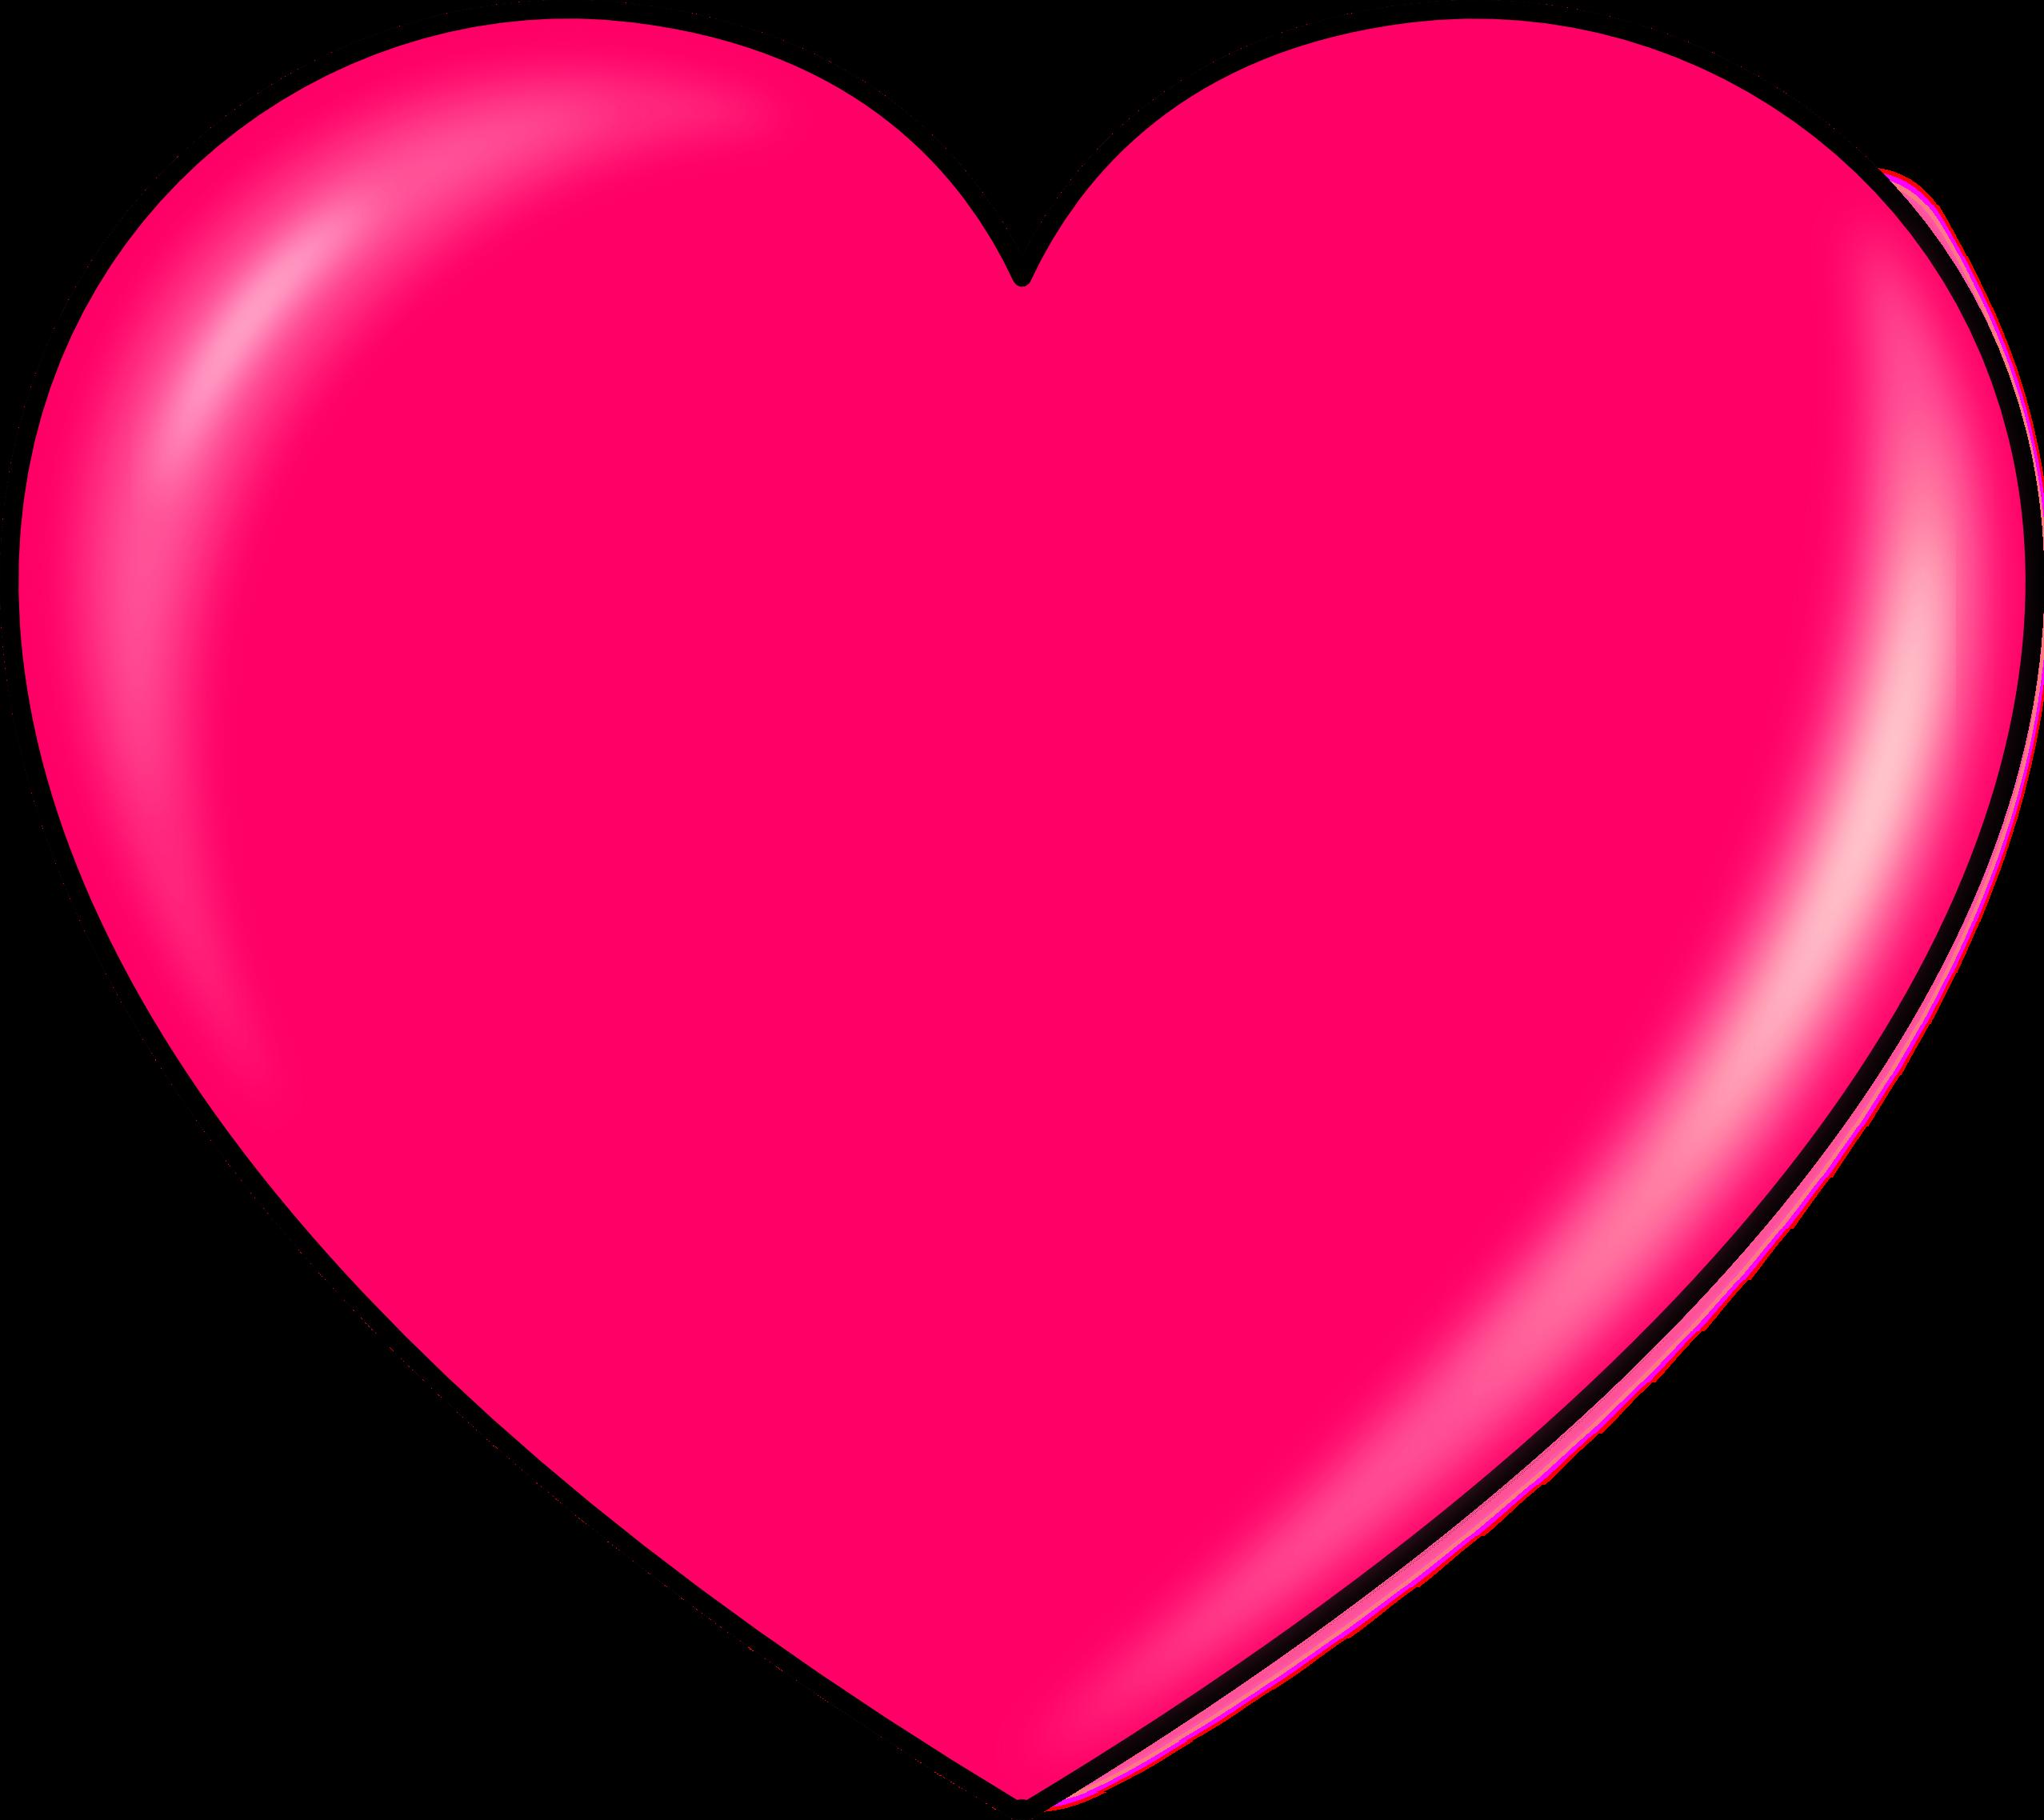 Shell heart clipart jpg library Pink Heart Clipart   HEARTS   Pinterest jpg library